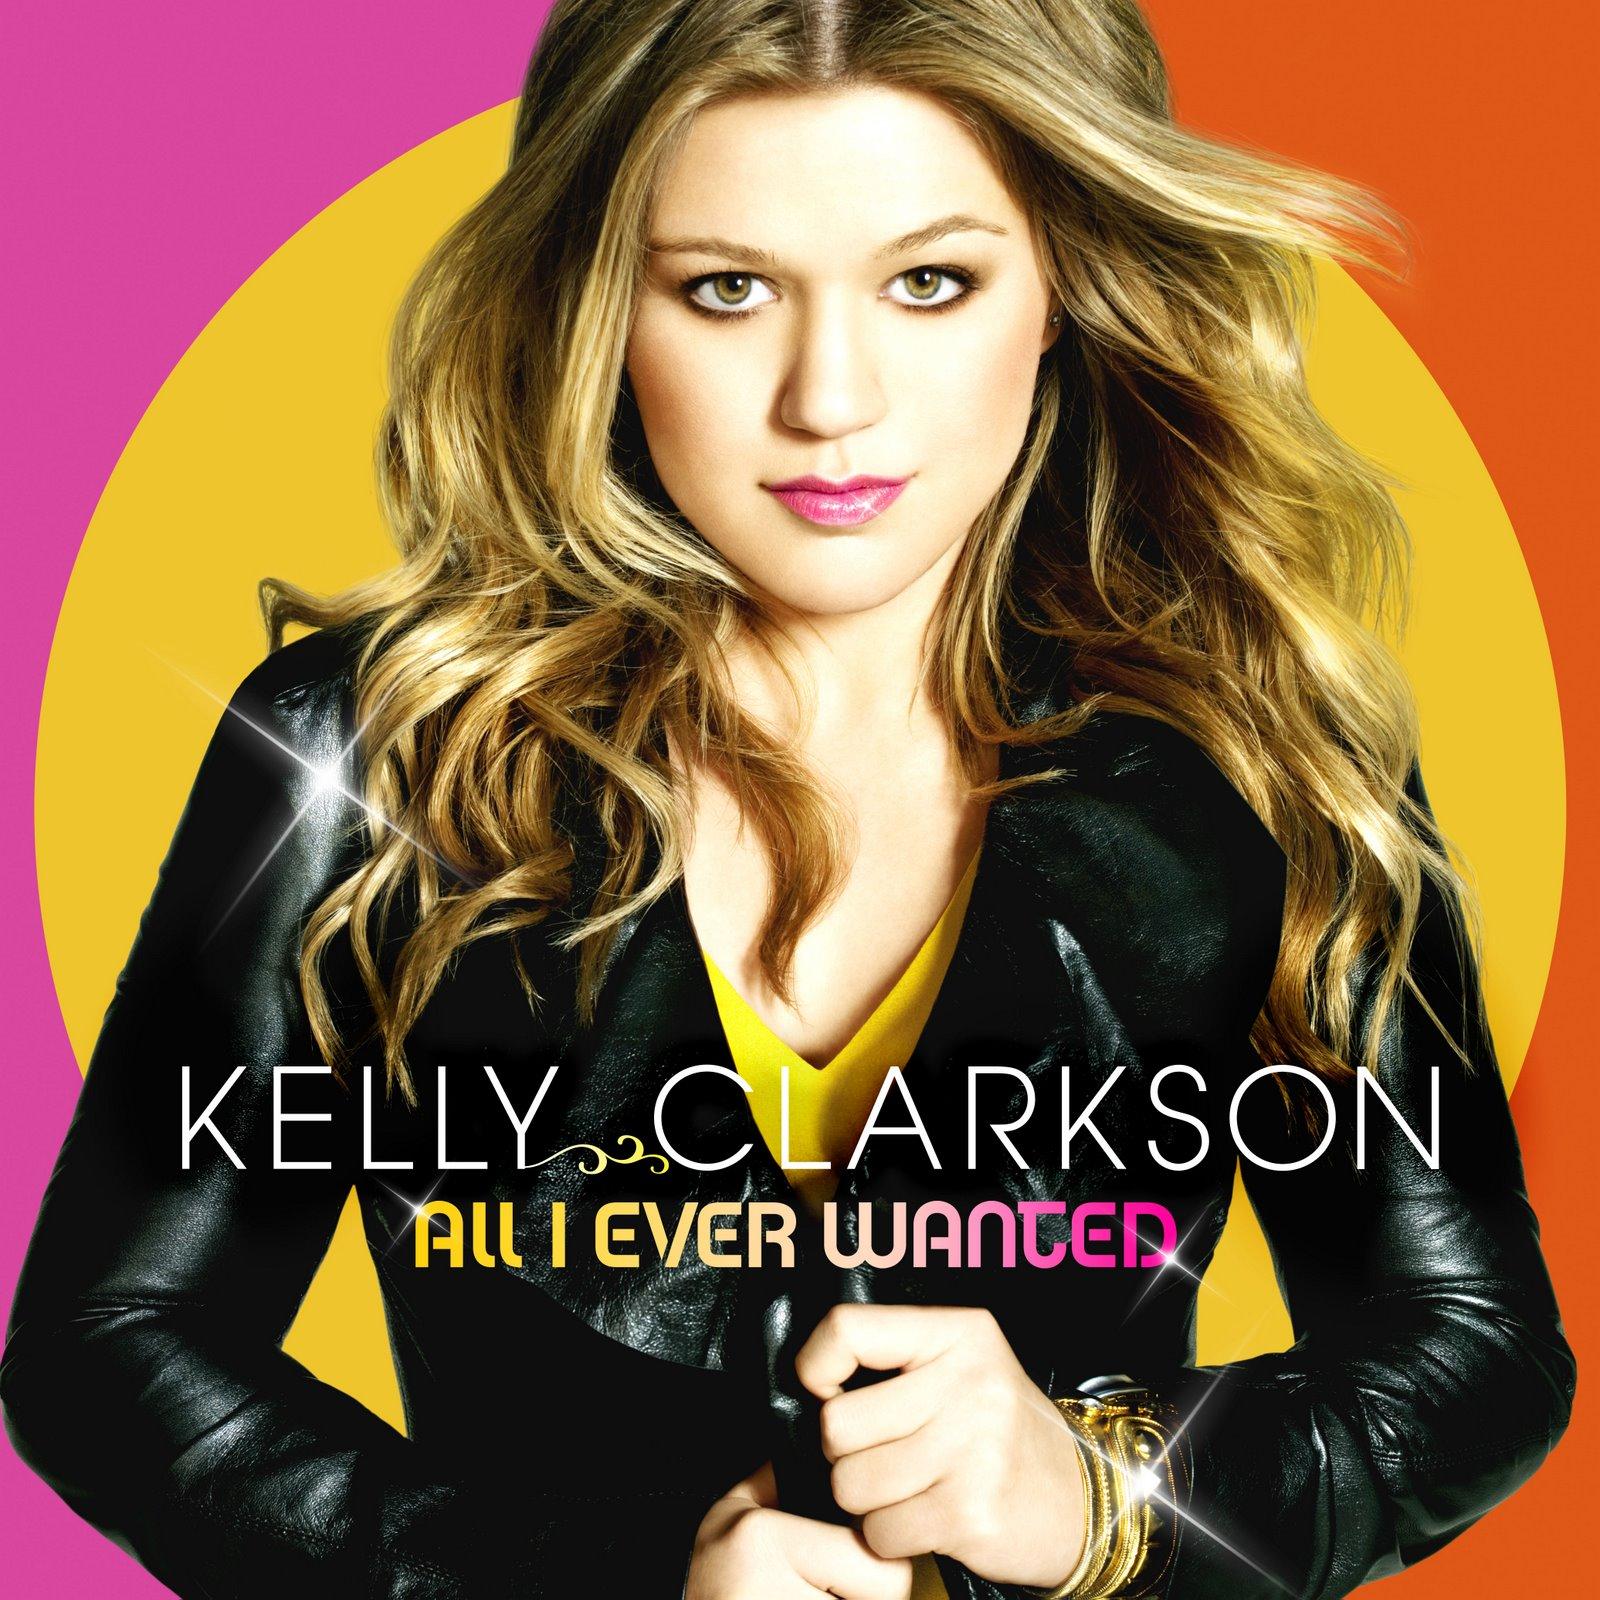 http://1.bp.blogspot.com/_Pnt9wNqjwNA/THtIb-pUuJI/AAAAAAAAA_Q/-LO-9o6awSo/s1600/Kelly+Clarkson+-+All+I+ever+wanted.jpg